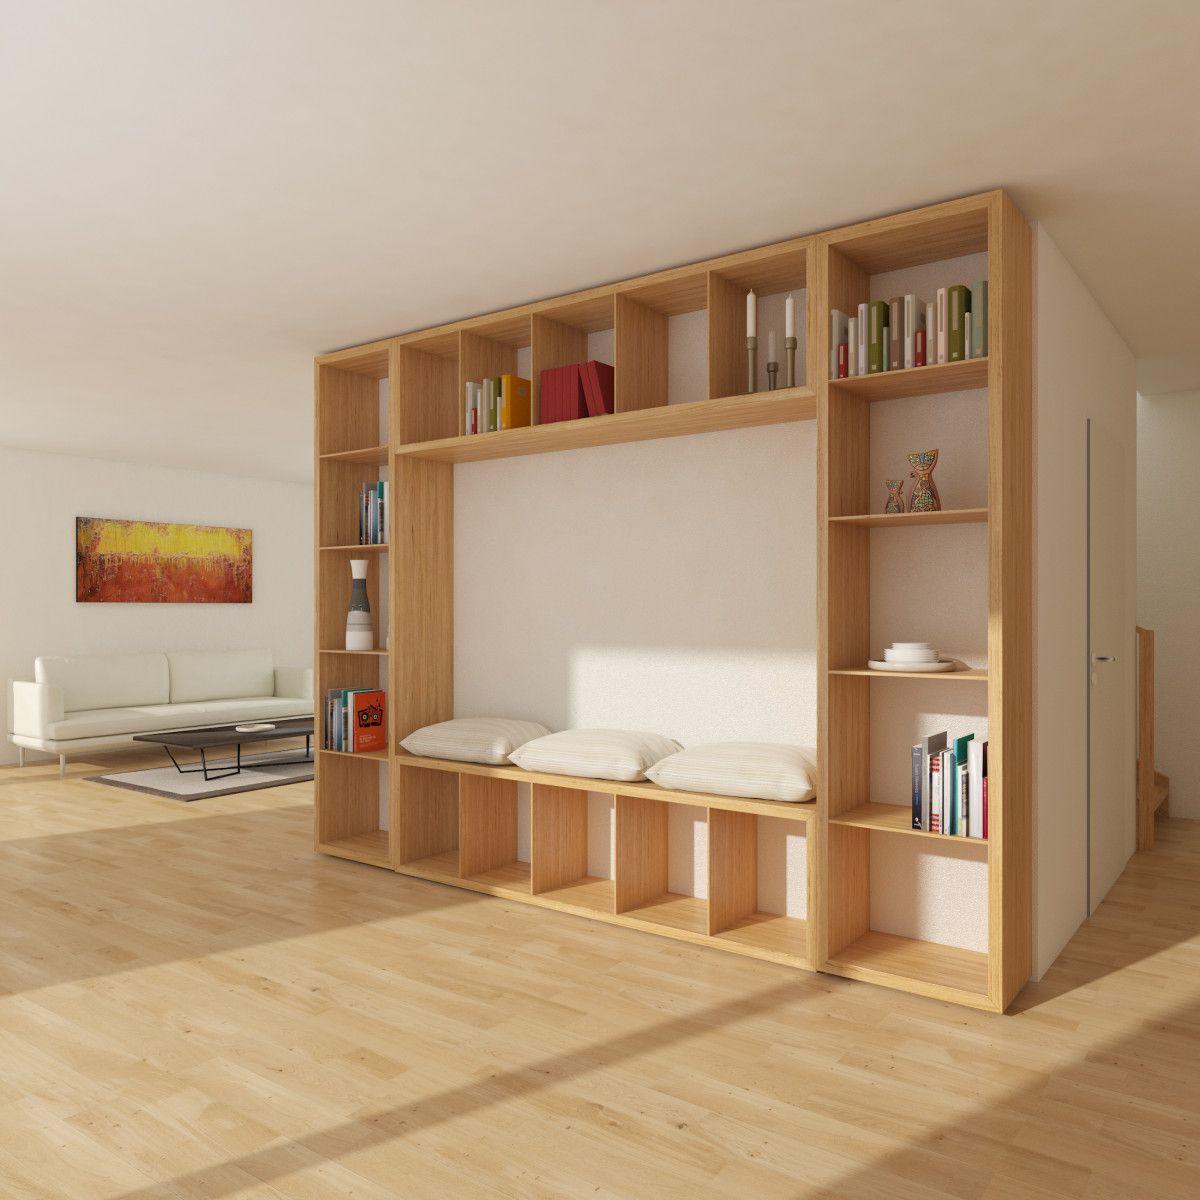 wohnzimmer regal mit sitzbank holzhaus innen mein ideenhaus von baufritz inneneinrichtung. Black Bedroom Furniture Sets. Home Design Ideas